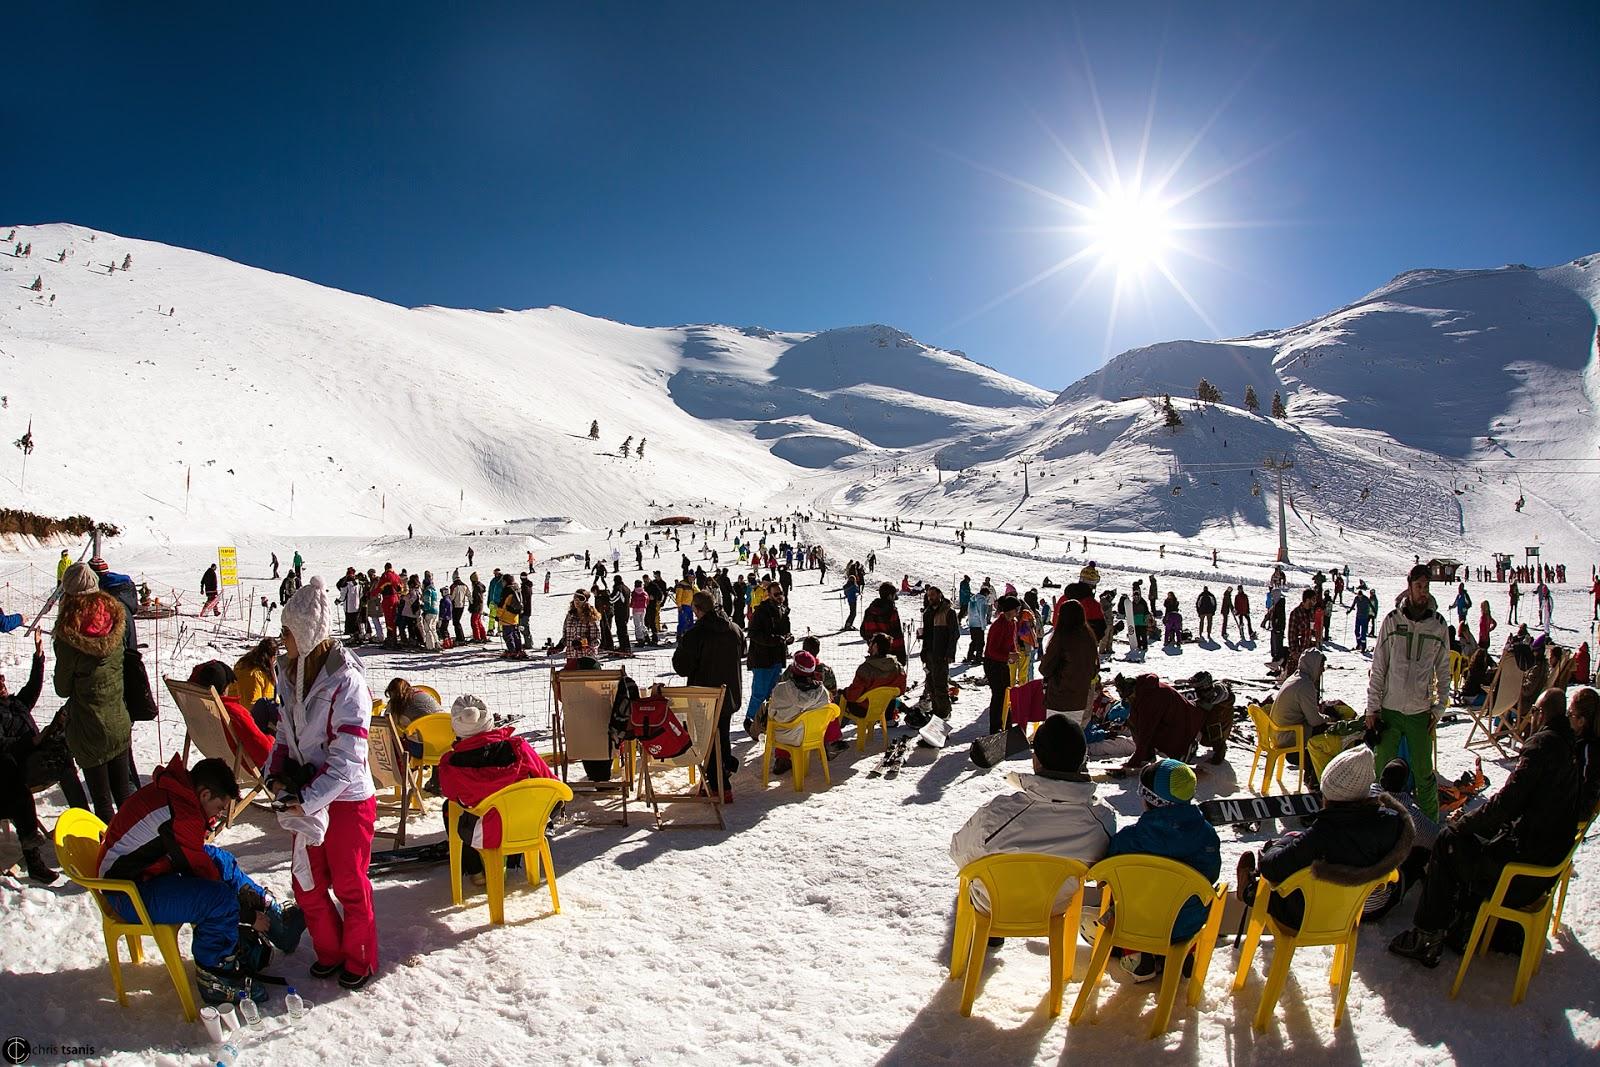 Αλλαγή στο ωράριο λειτουργίας του χιονοδρομικού κέντρου Καλαβρύτων